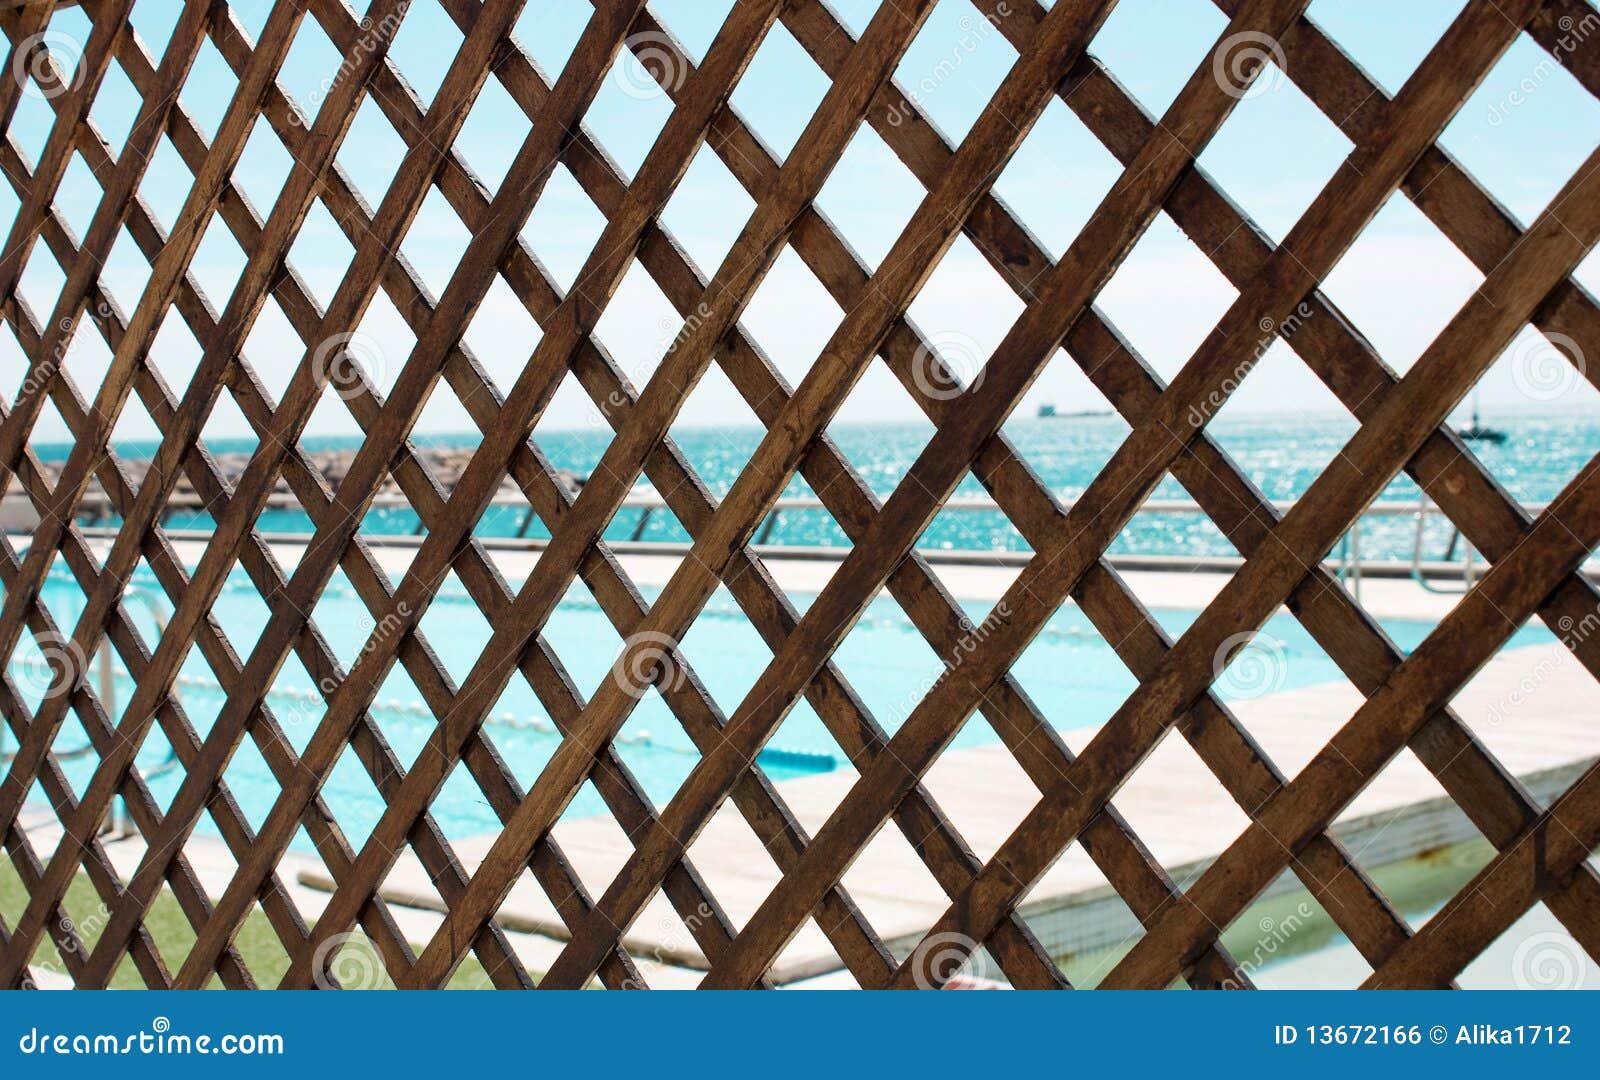 Grata di legno fotografia stock immagine di legno acqua - Trasteros de madera para jardin ...